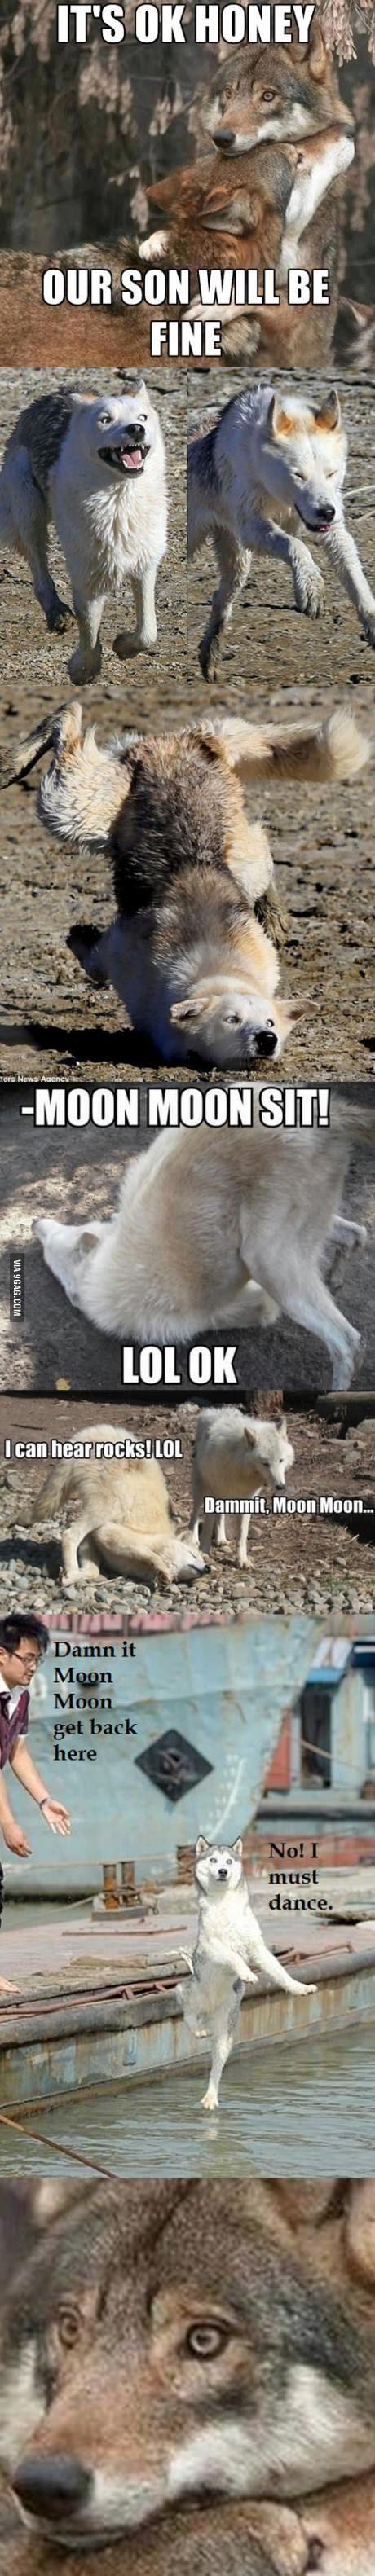 Dammit Moon Moon!: